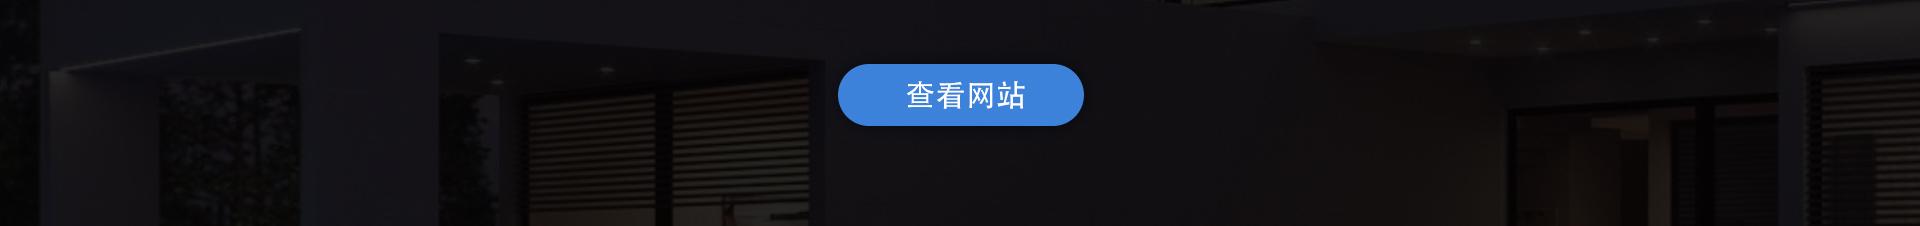 李梦-李梦-千寻婚庆_02